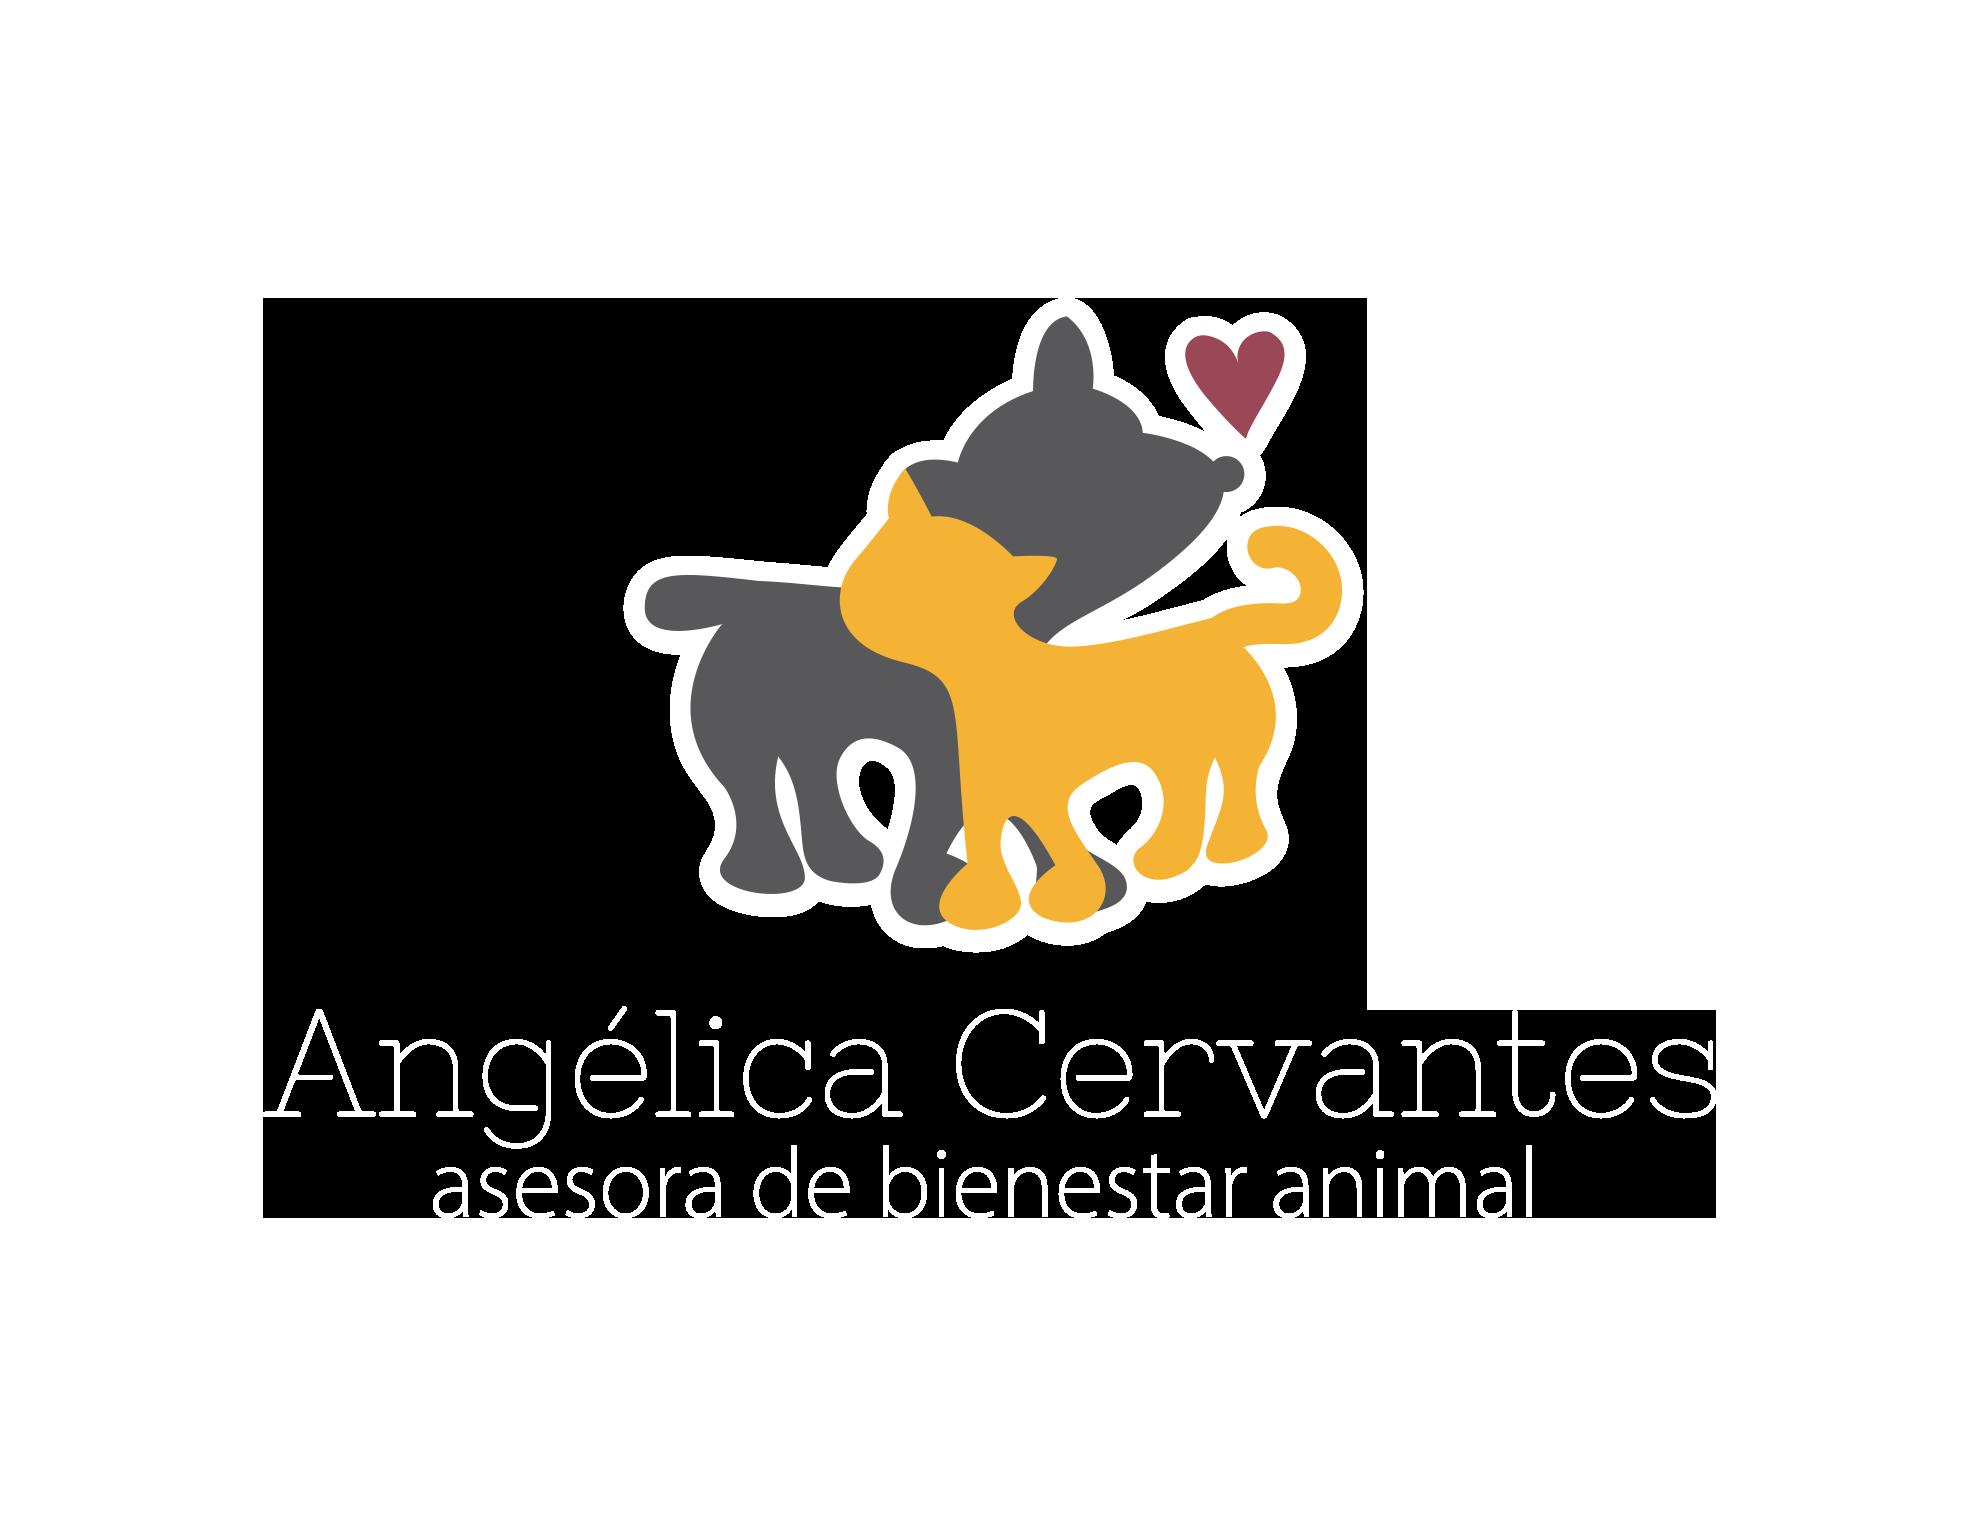 Angelica Cervantes Bienestar Animal